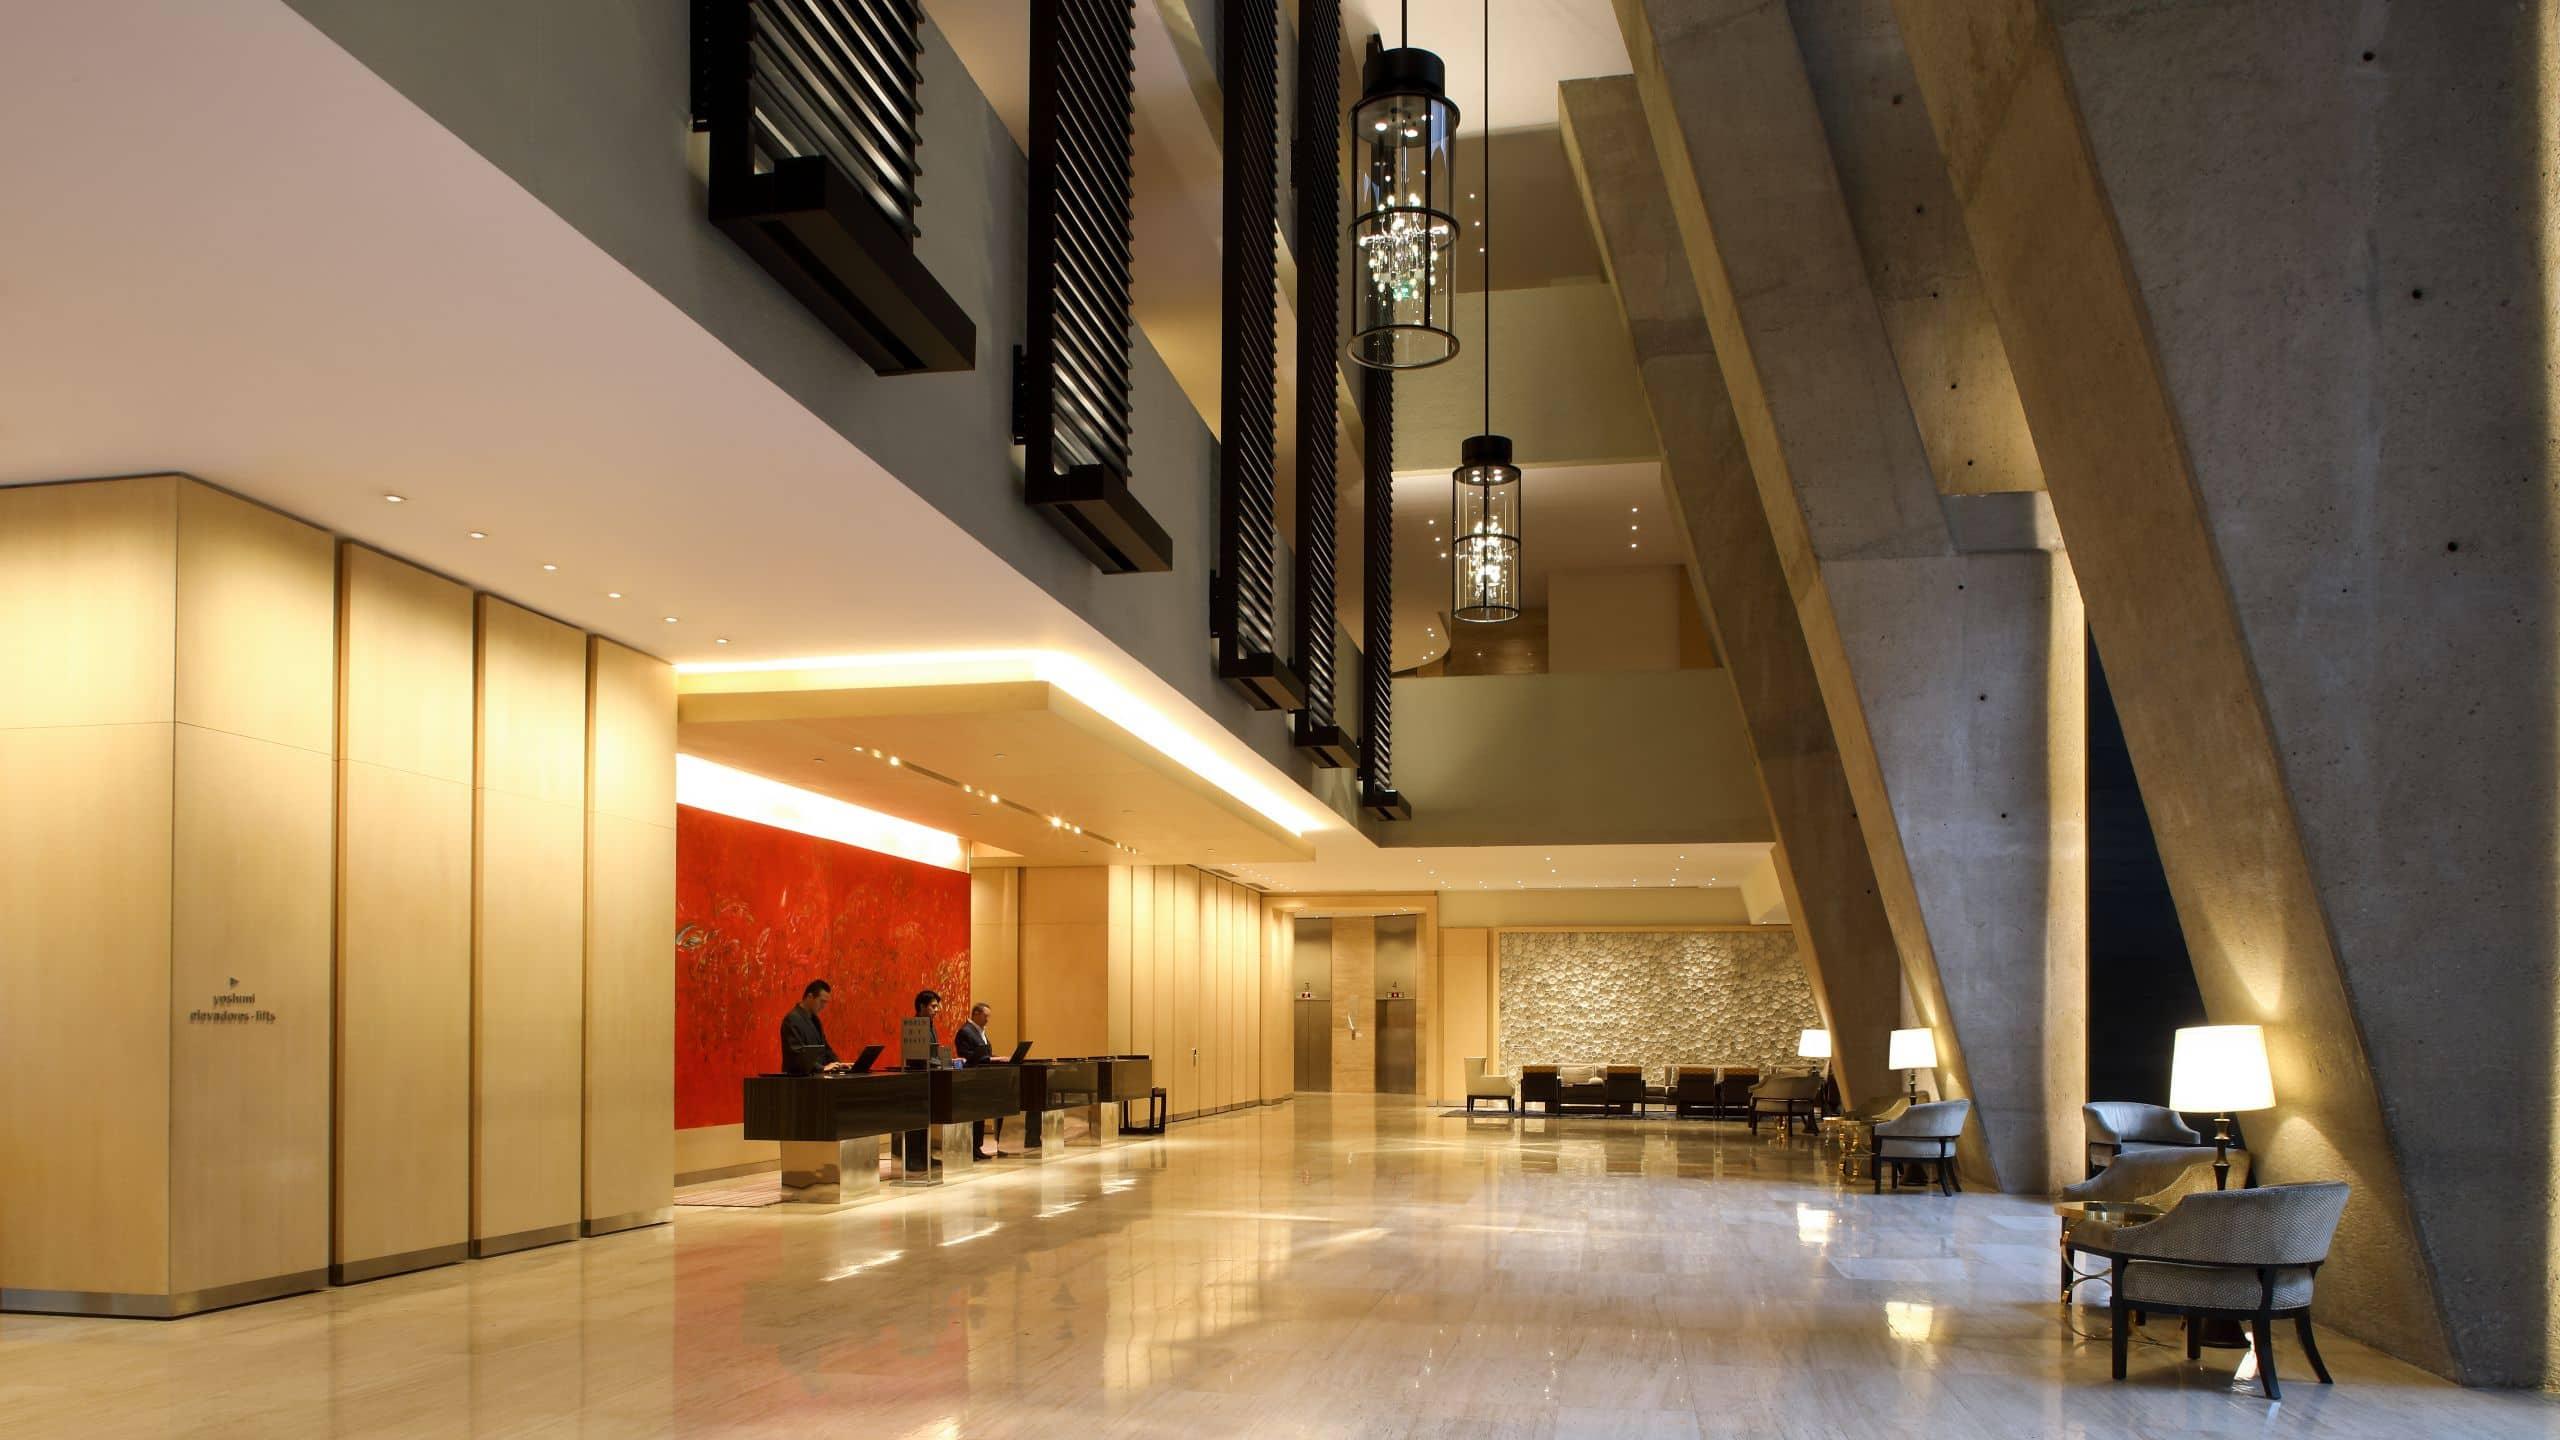 Mexico City Hotels Polanco Hyatt Regency Mexico City